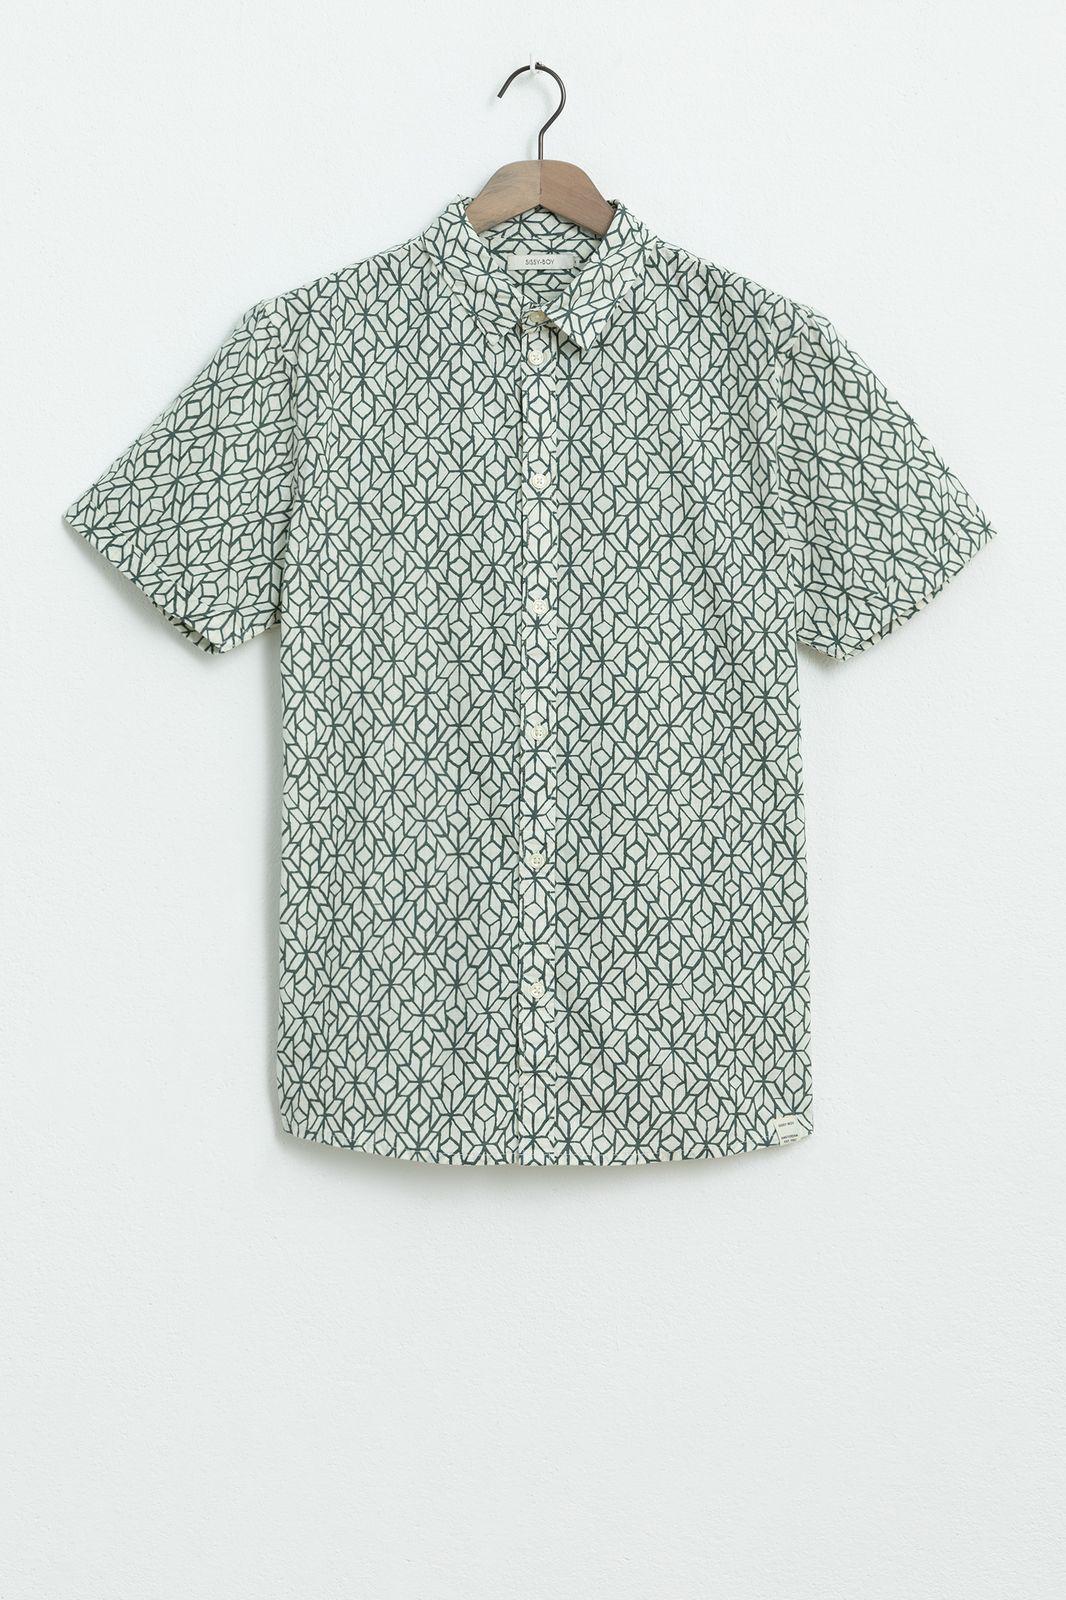 Overhemd met all over print en korte mouwen - Heren | Sissy-Boy